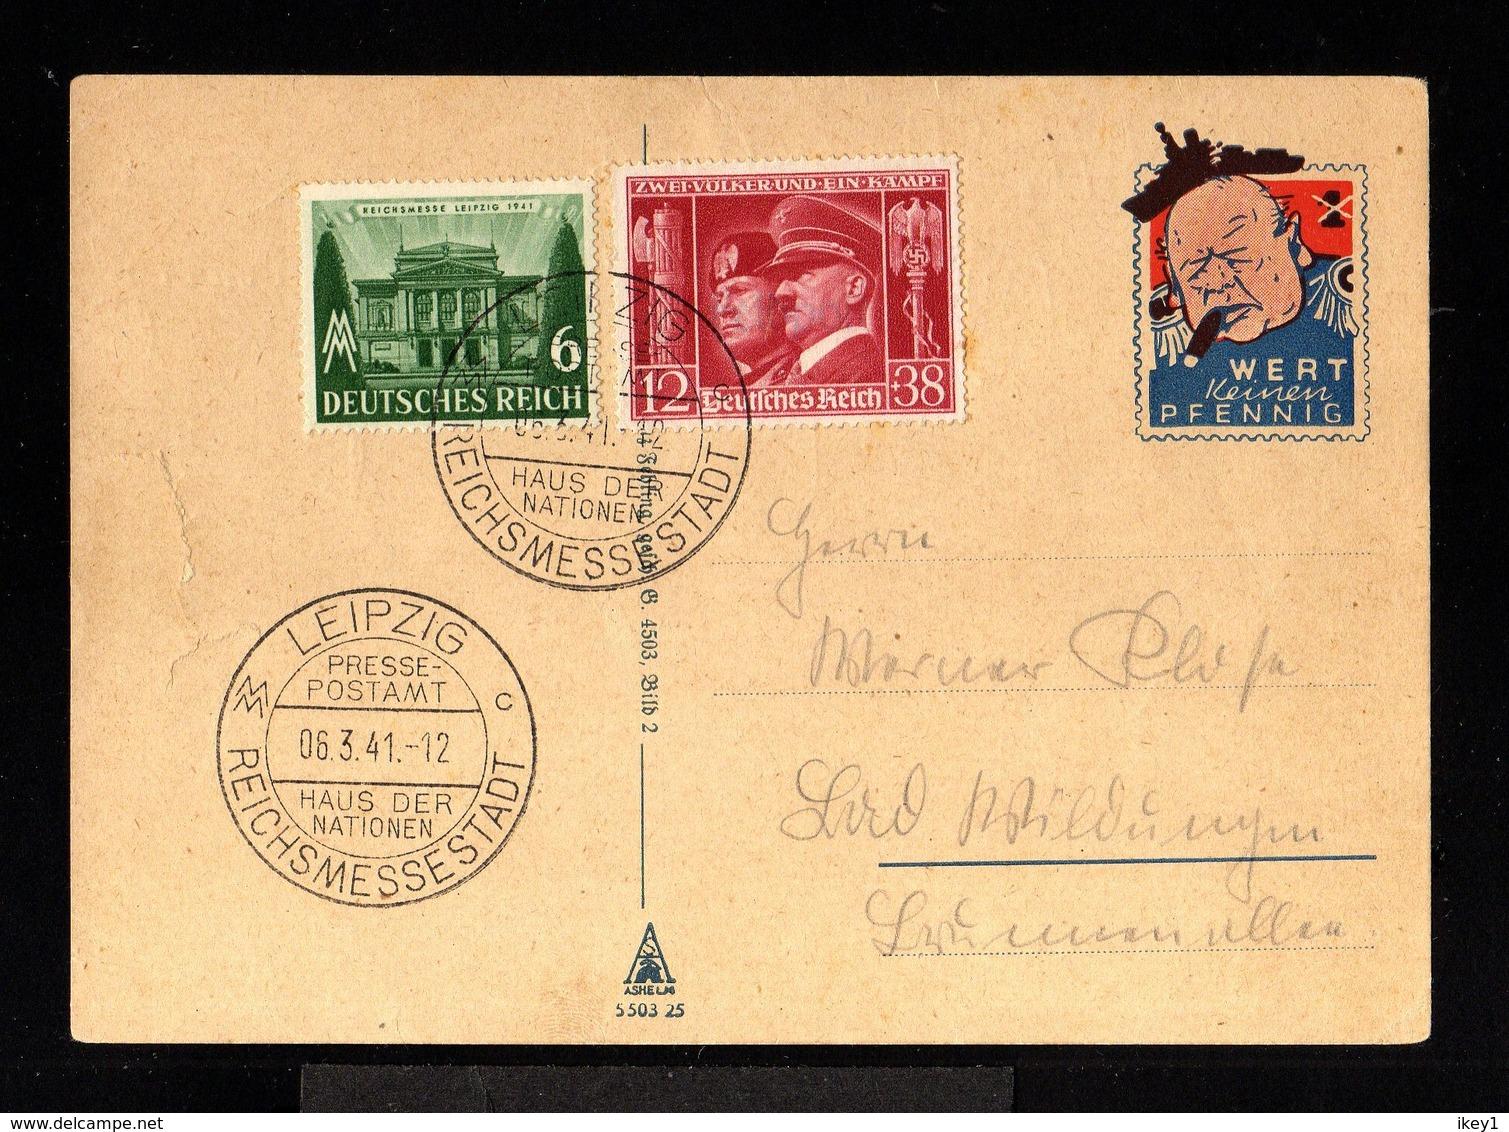 11732-GERMAN EMPIRE-.MILITARY PROPAGANDA FELDPOSTCARD Leipzig.1941.WWII.Wert Keinen.DEUTSCHES REICH.Postkarte - Cartas